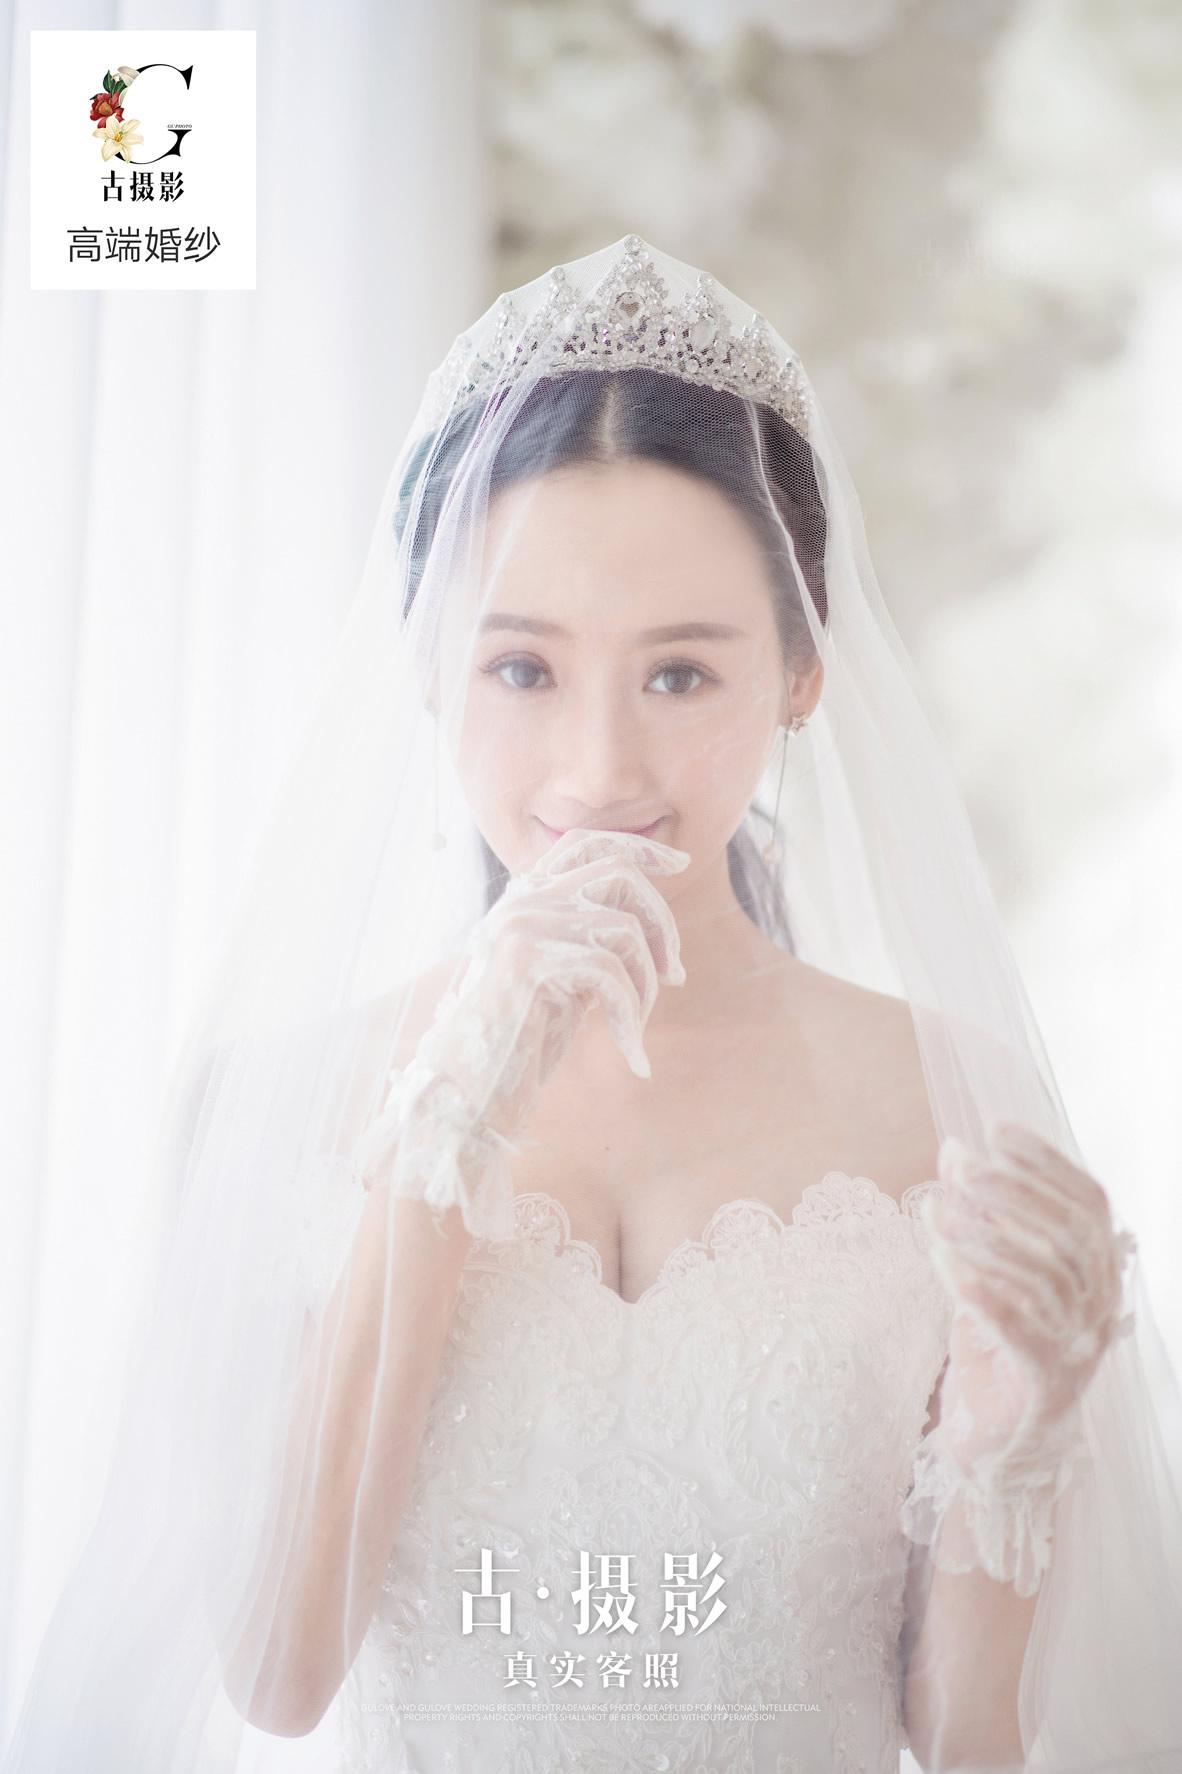 12月27日客片李先生 黄小姐 - 每日客照 - 广州婚纱摄影-广州古摄影官网